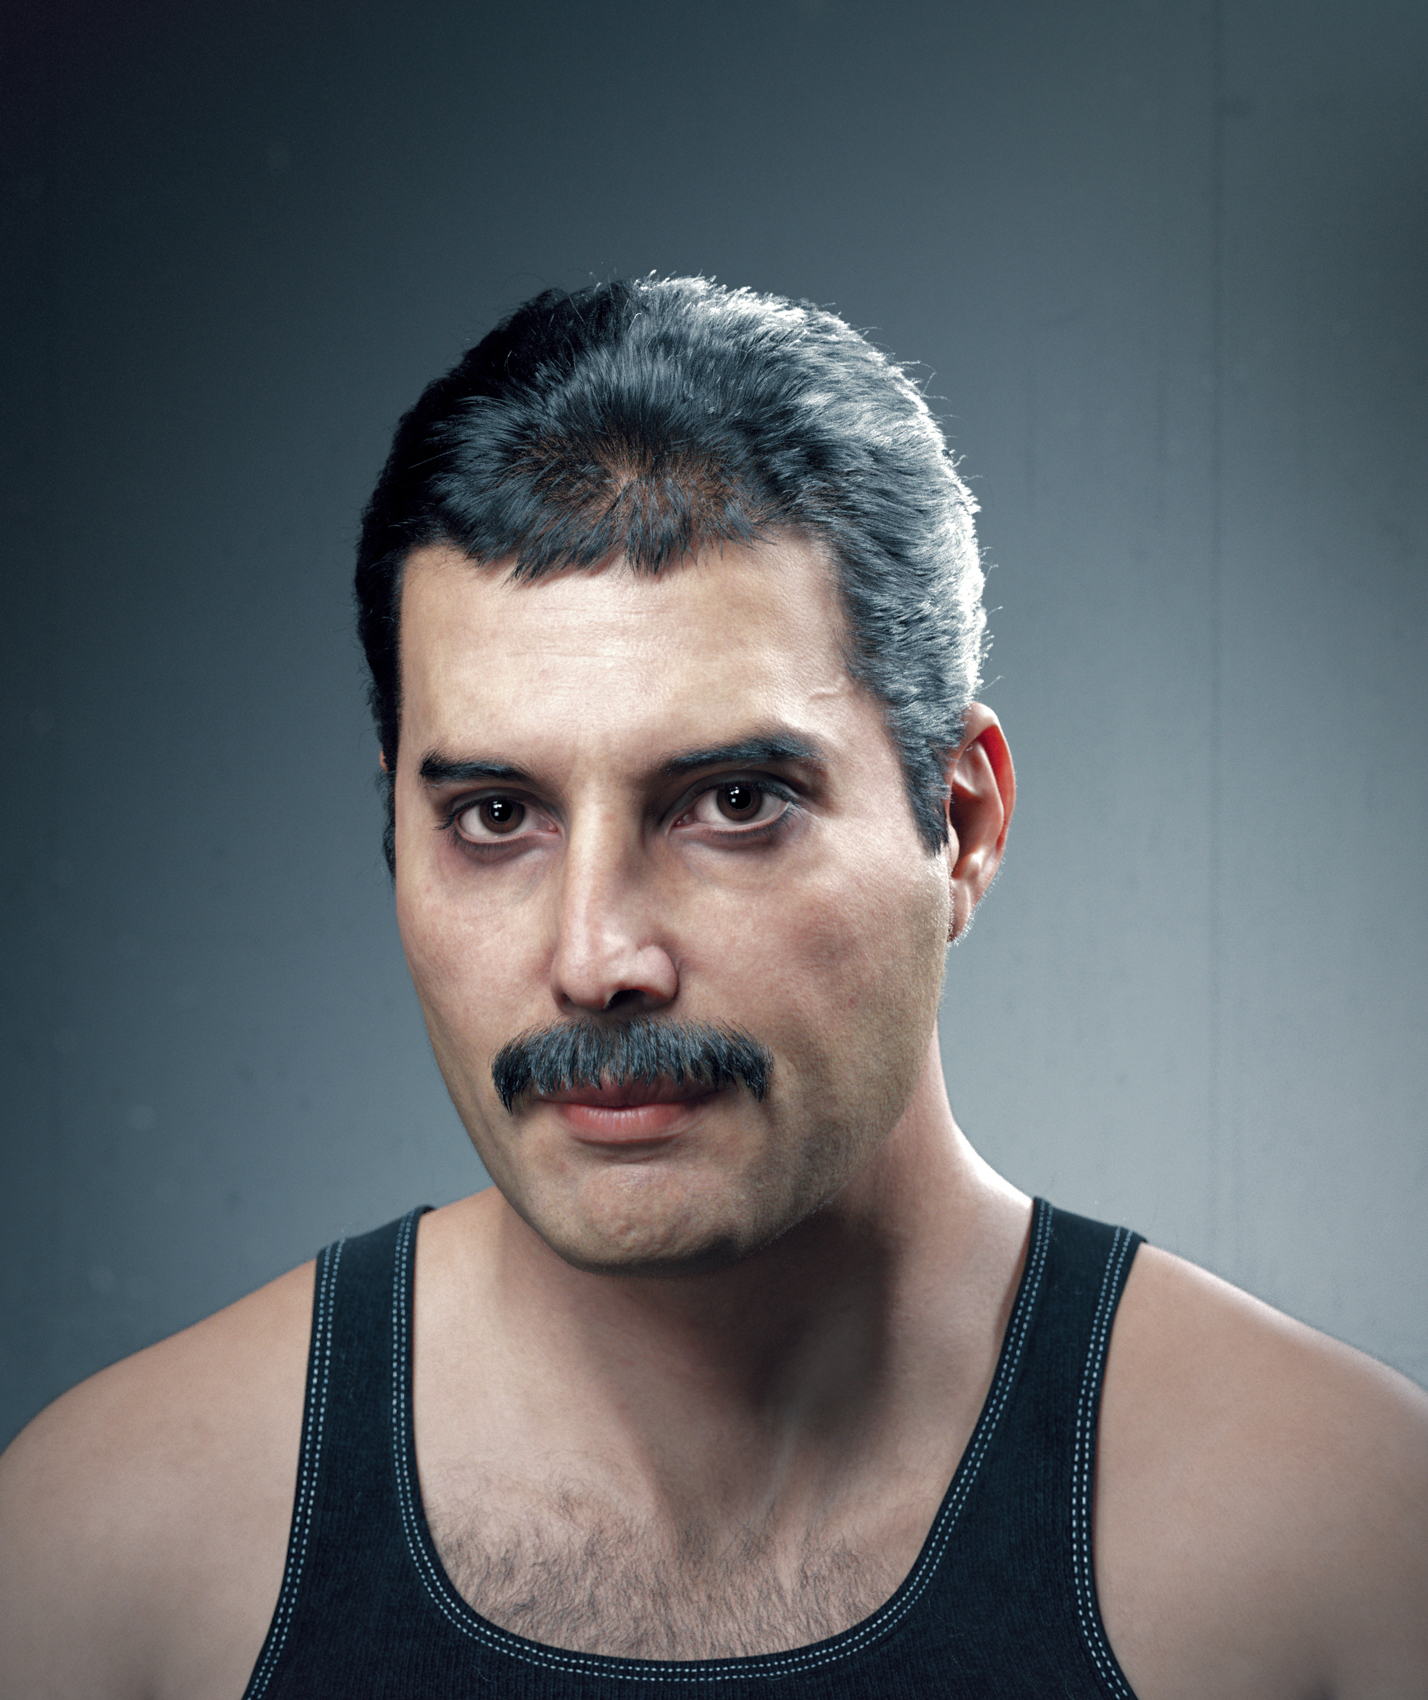 Freddie Mercury Zbrushcentral